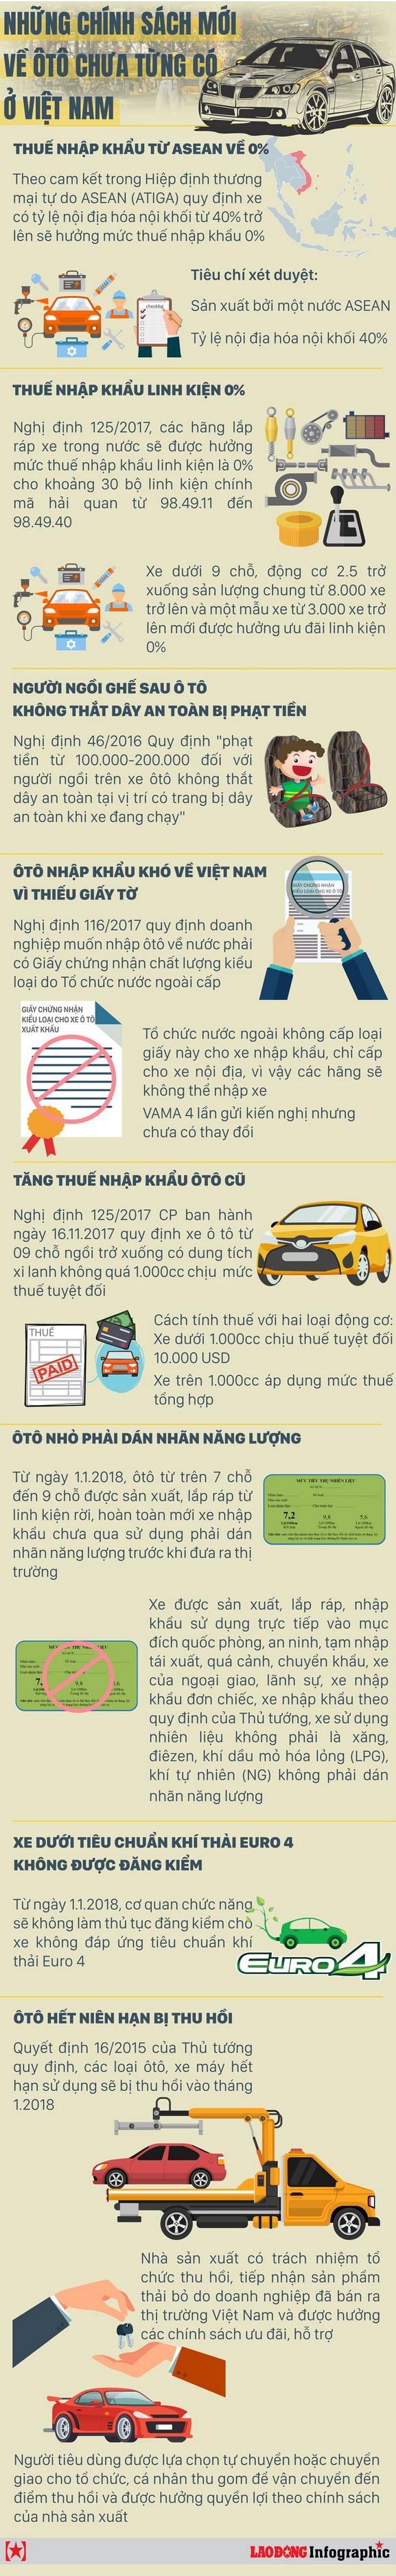 [Infographic] Những chính sách chưa từng có về ôtô ở Việt Nam năm 2018 - Ảnh 1.